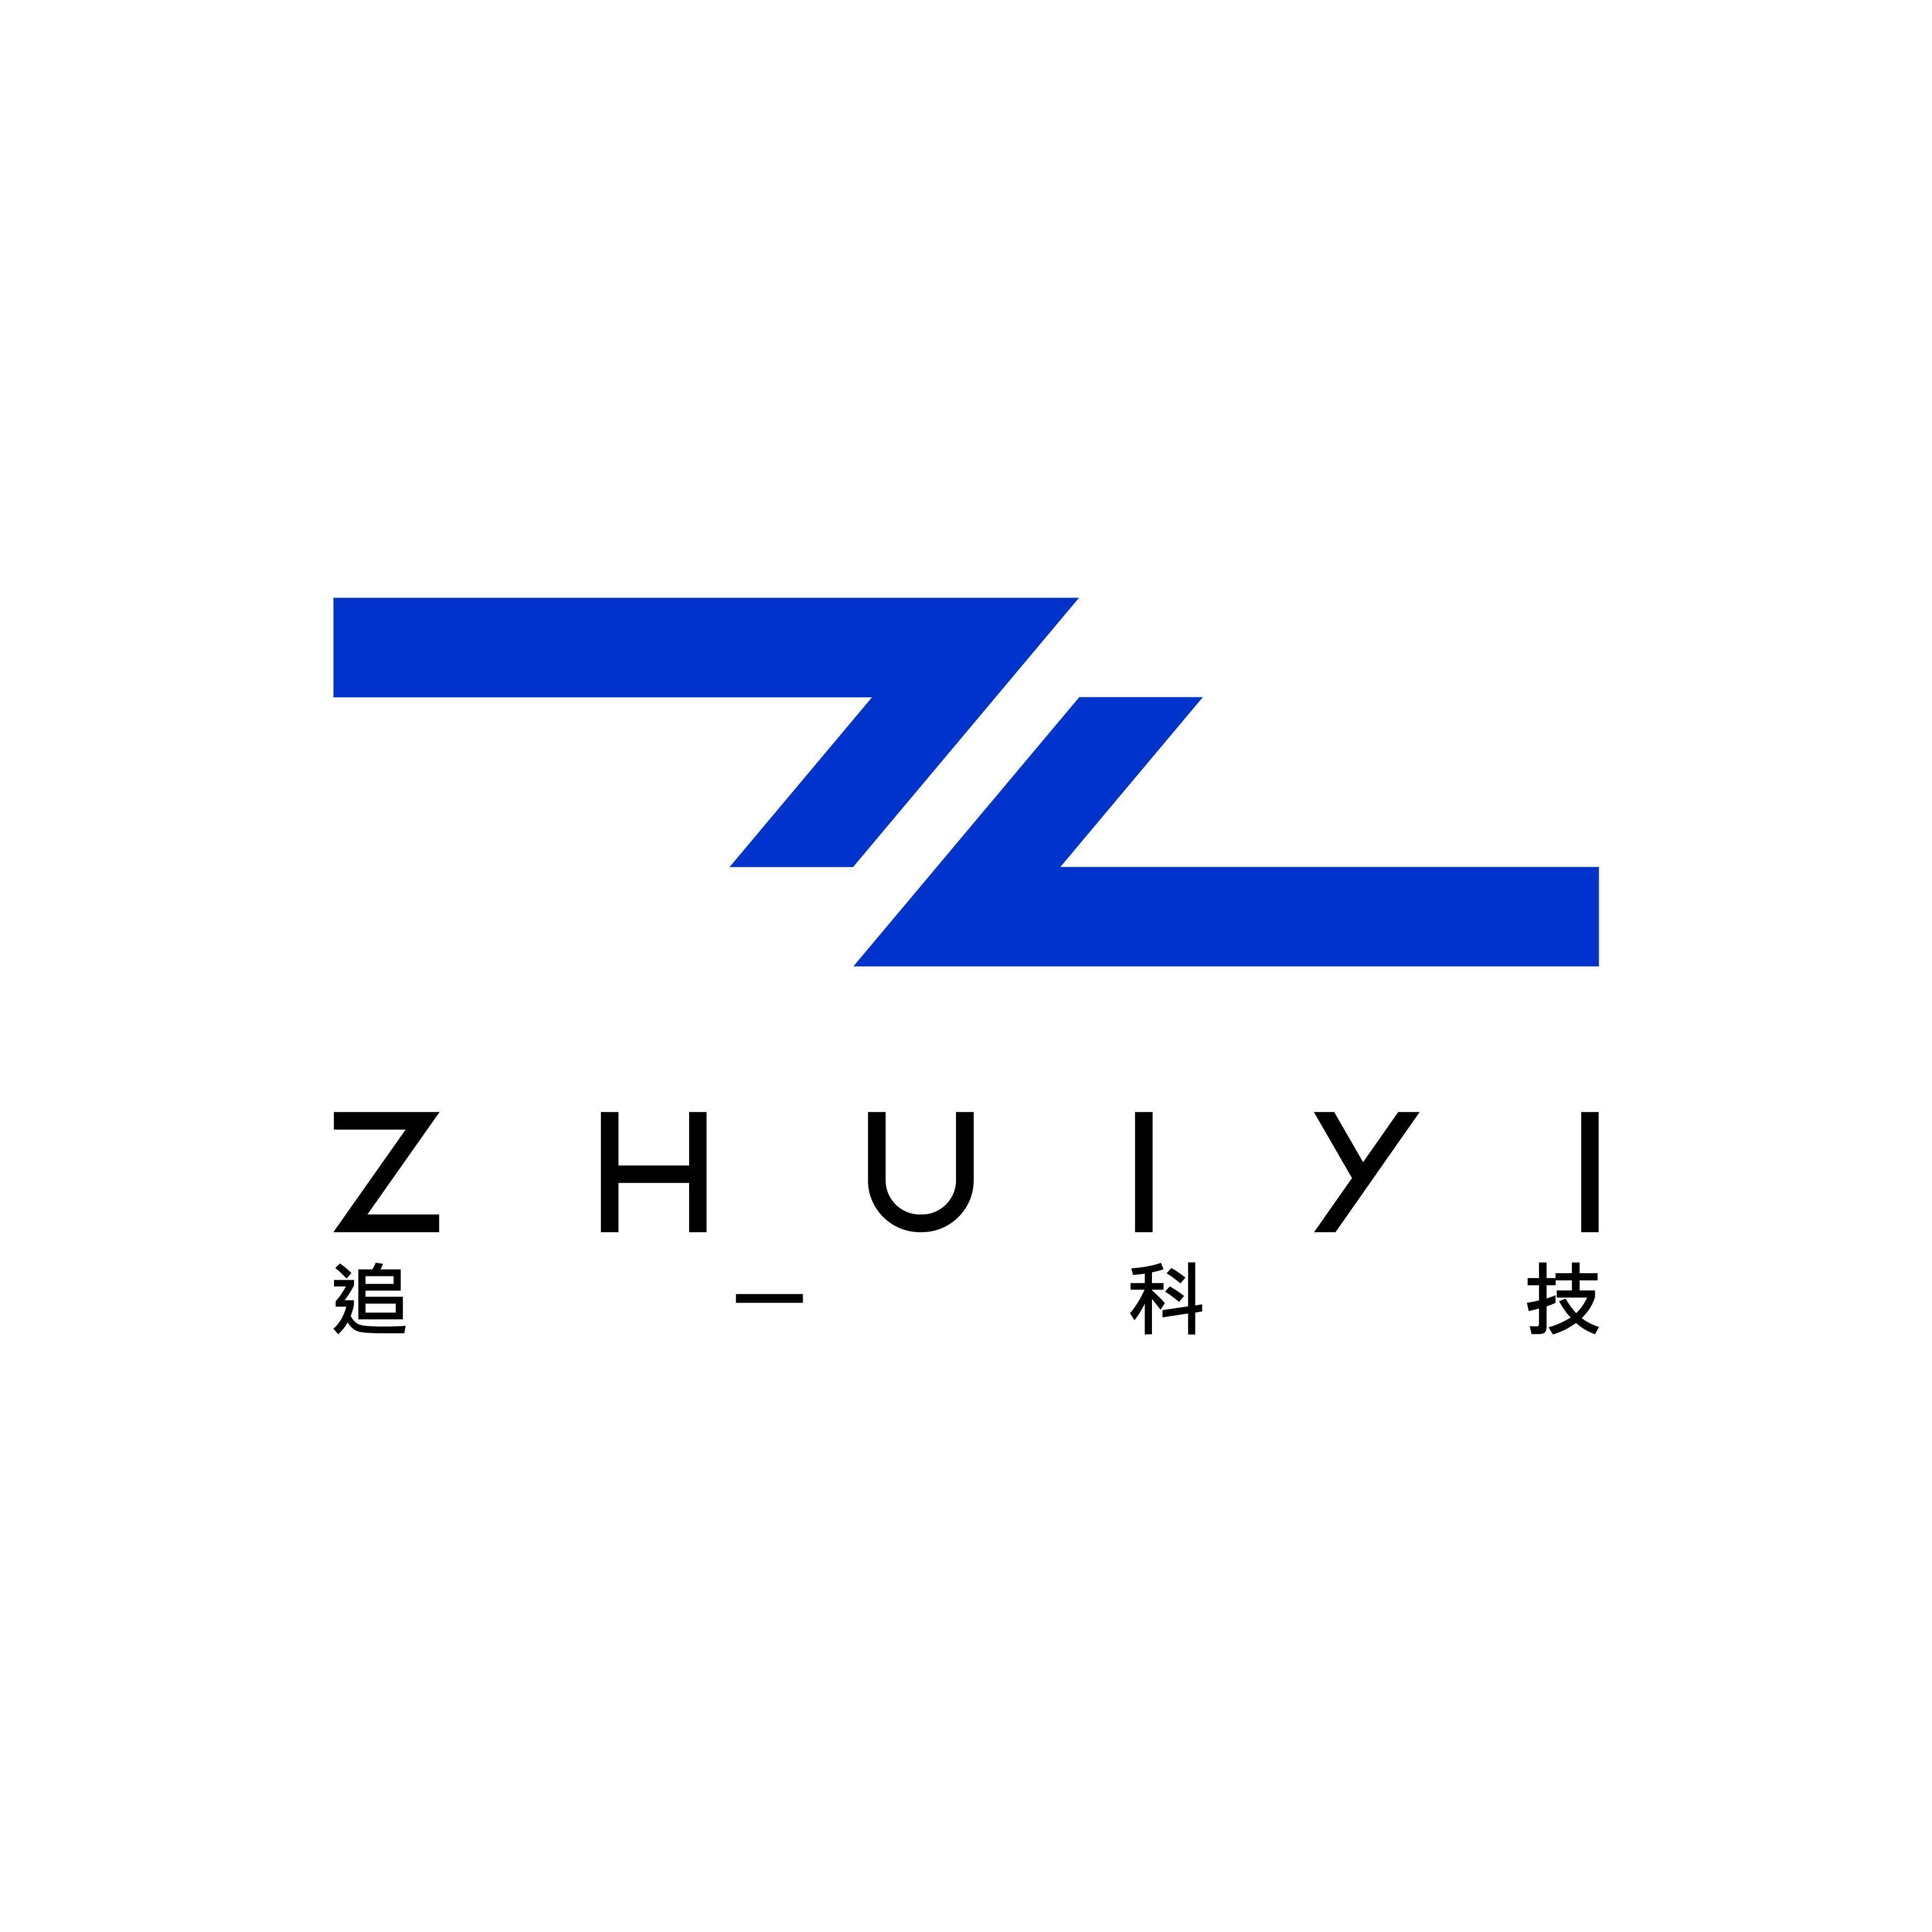 漳州发布职位+追一科技